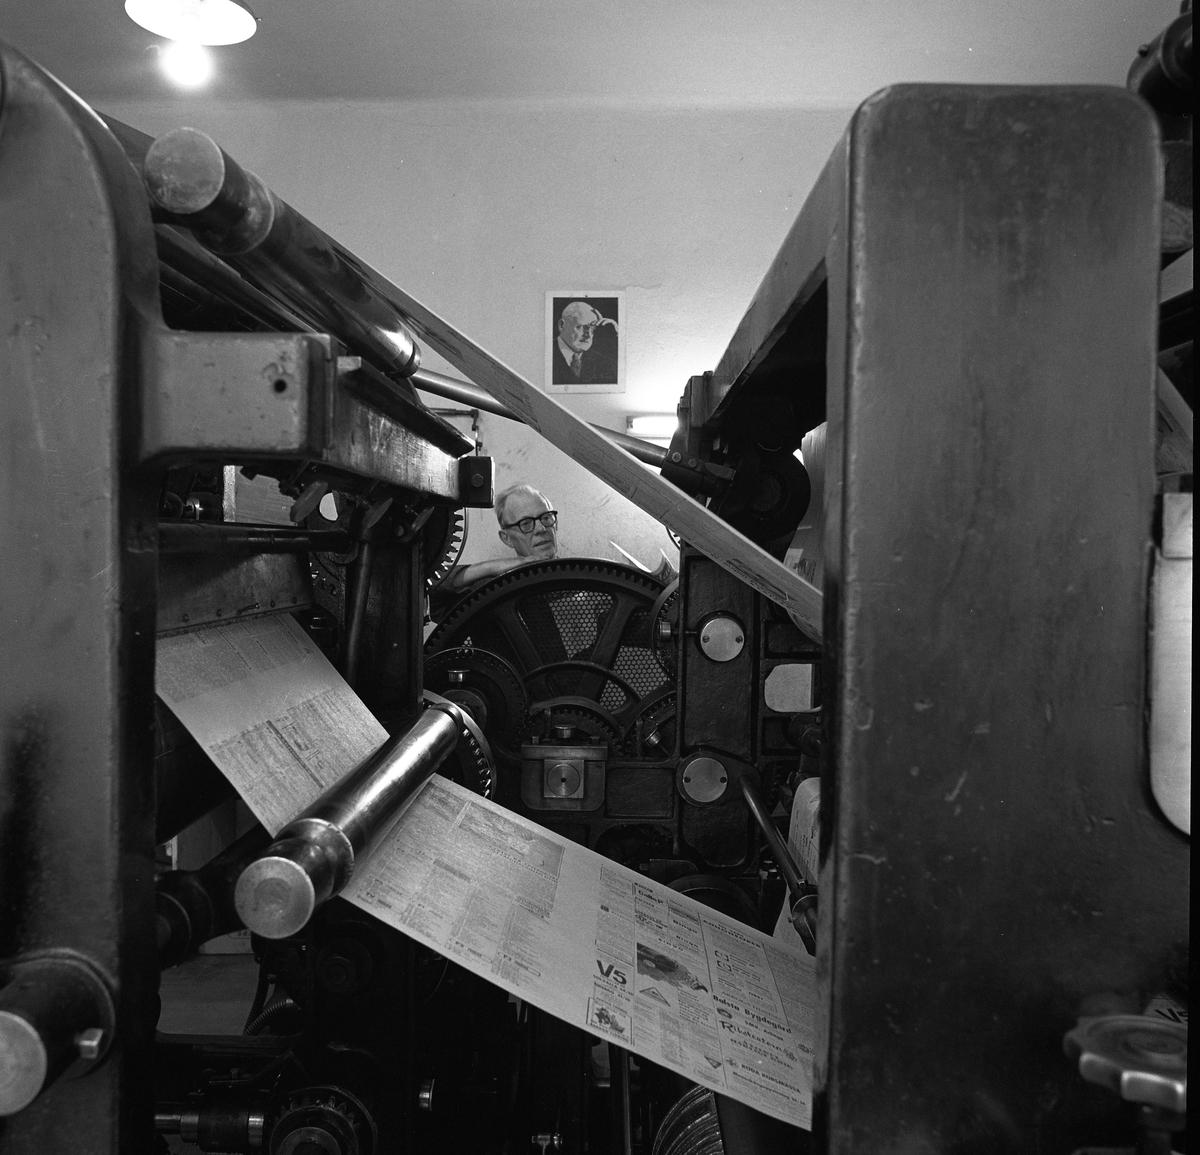 Arboga Tidning, personal och interiör. Tryckeriet. En man arbetar vid tryckpressen. Tryckta tidningssidor rullar mellan valsarna medan mannen kontrollerar maskinen.